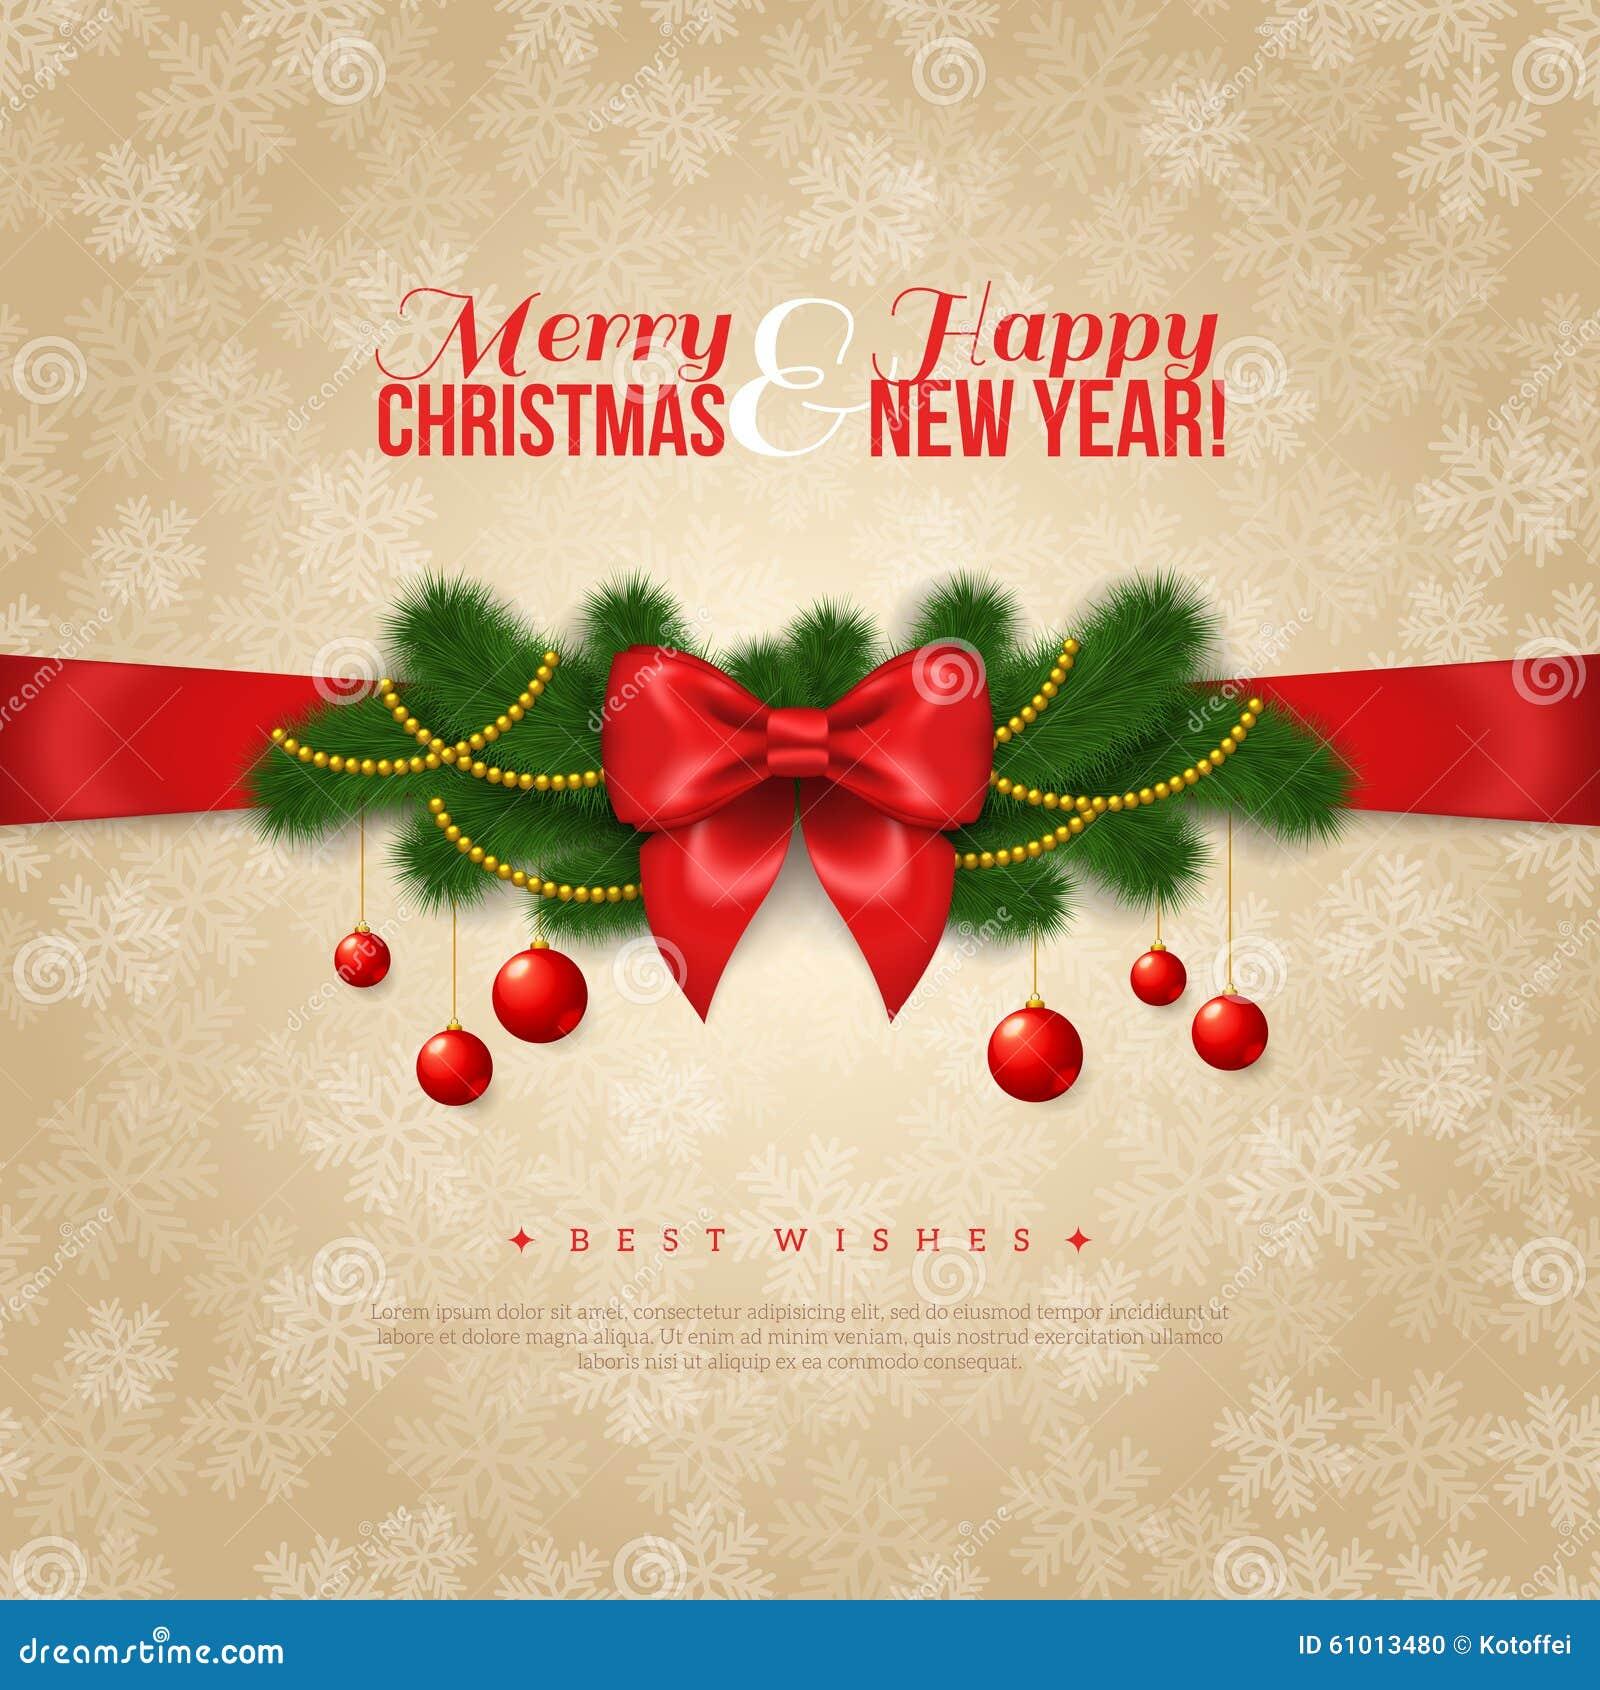 Auguri Di Buon Natale E Buon Anno.Progettazione Della Cartolina D Auguri Di Buon Natale E Del Buon